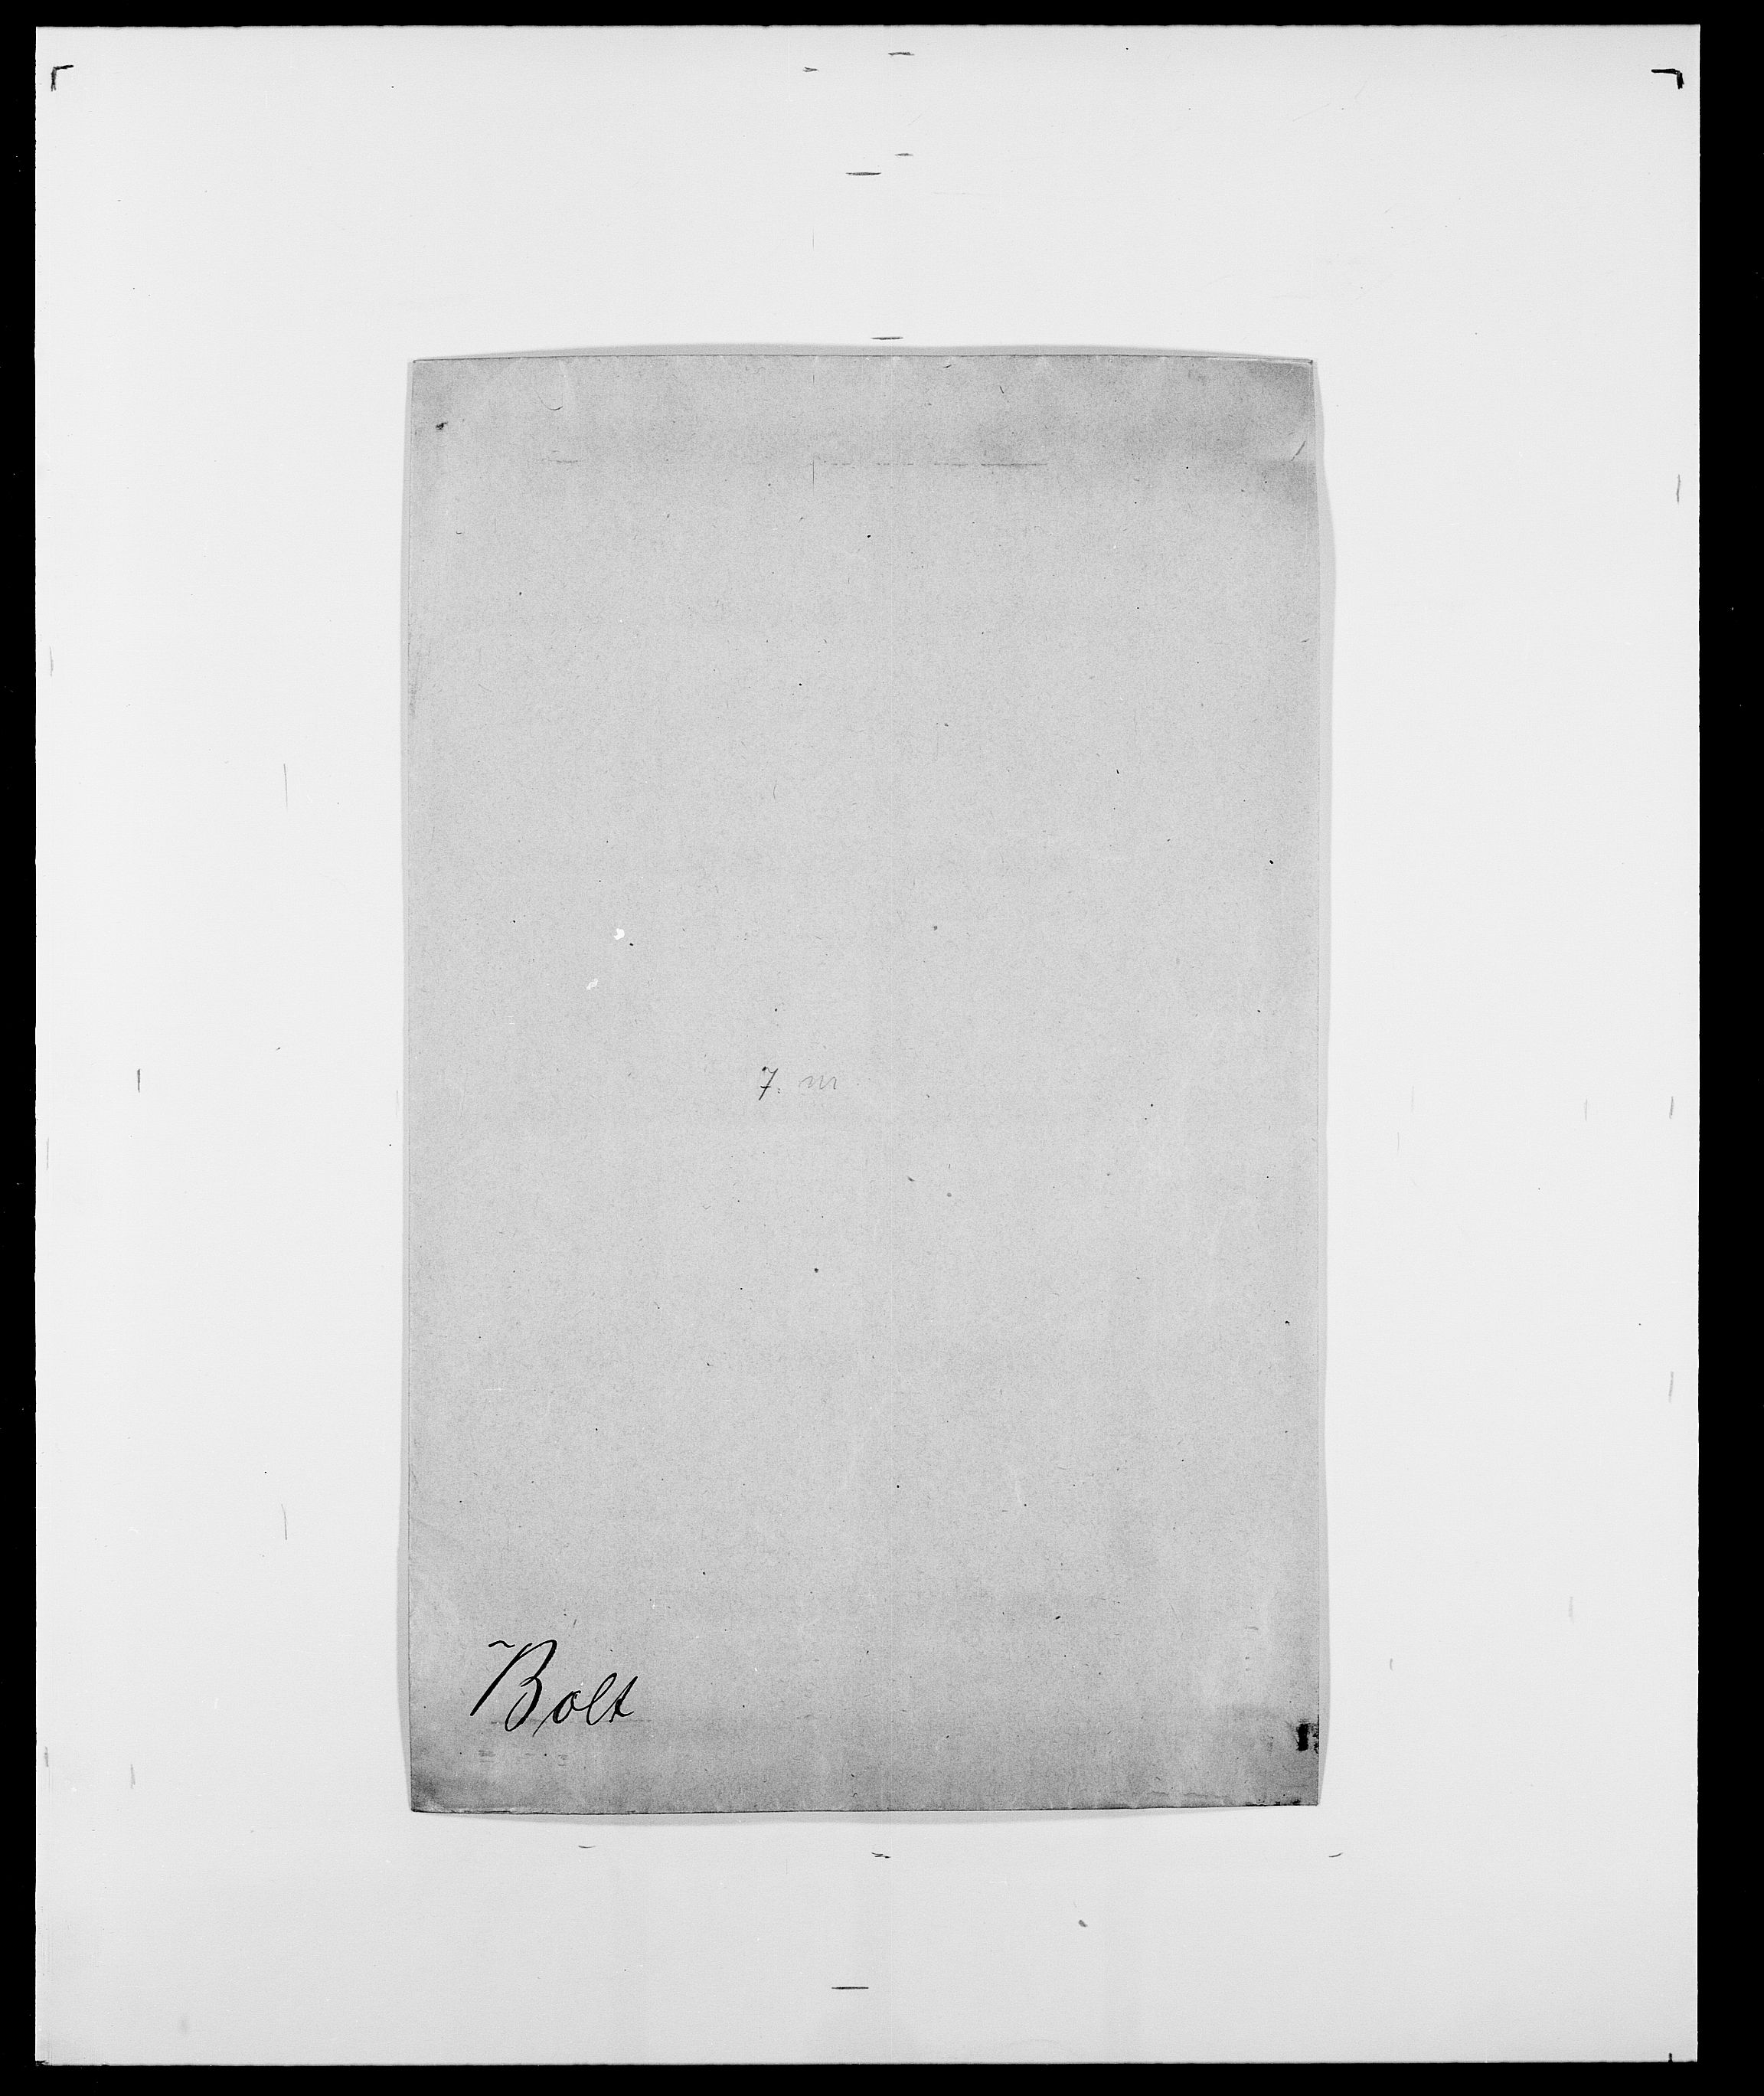 SAO, Delgobe, Charles Antoine - samling, D/Da/L0005: Boalth - Brahm, s. 93